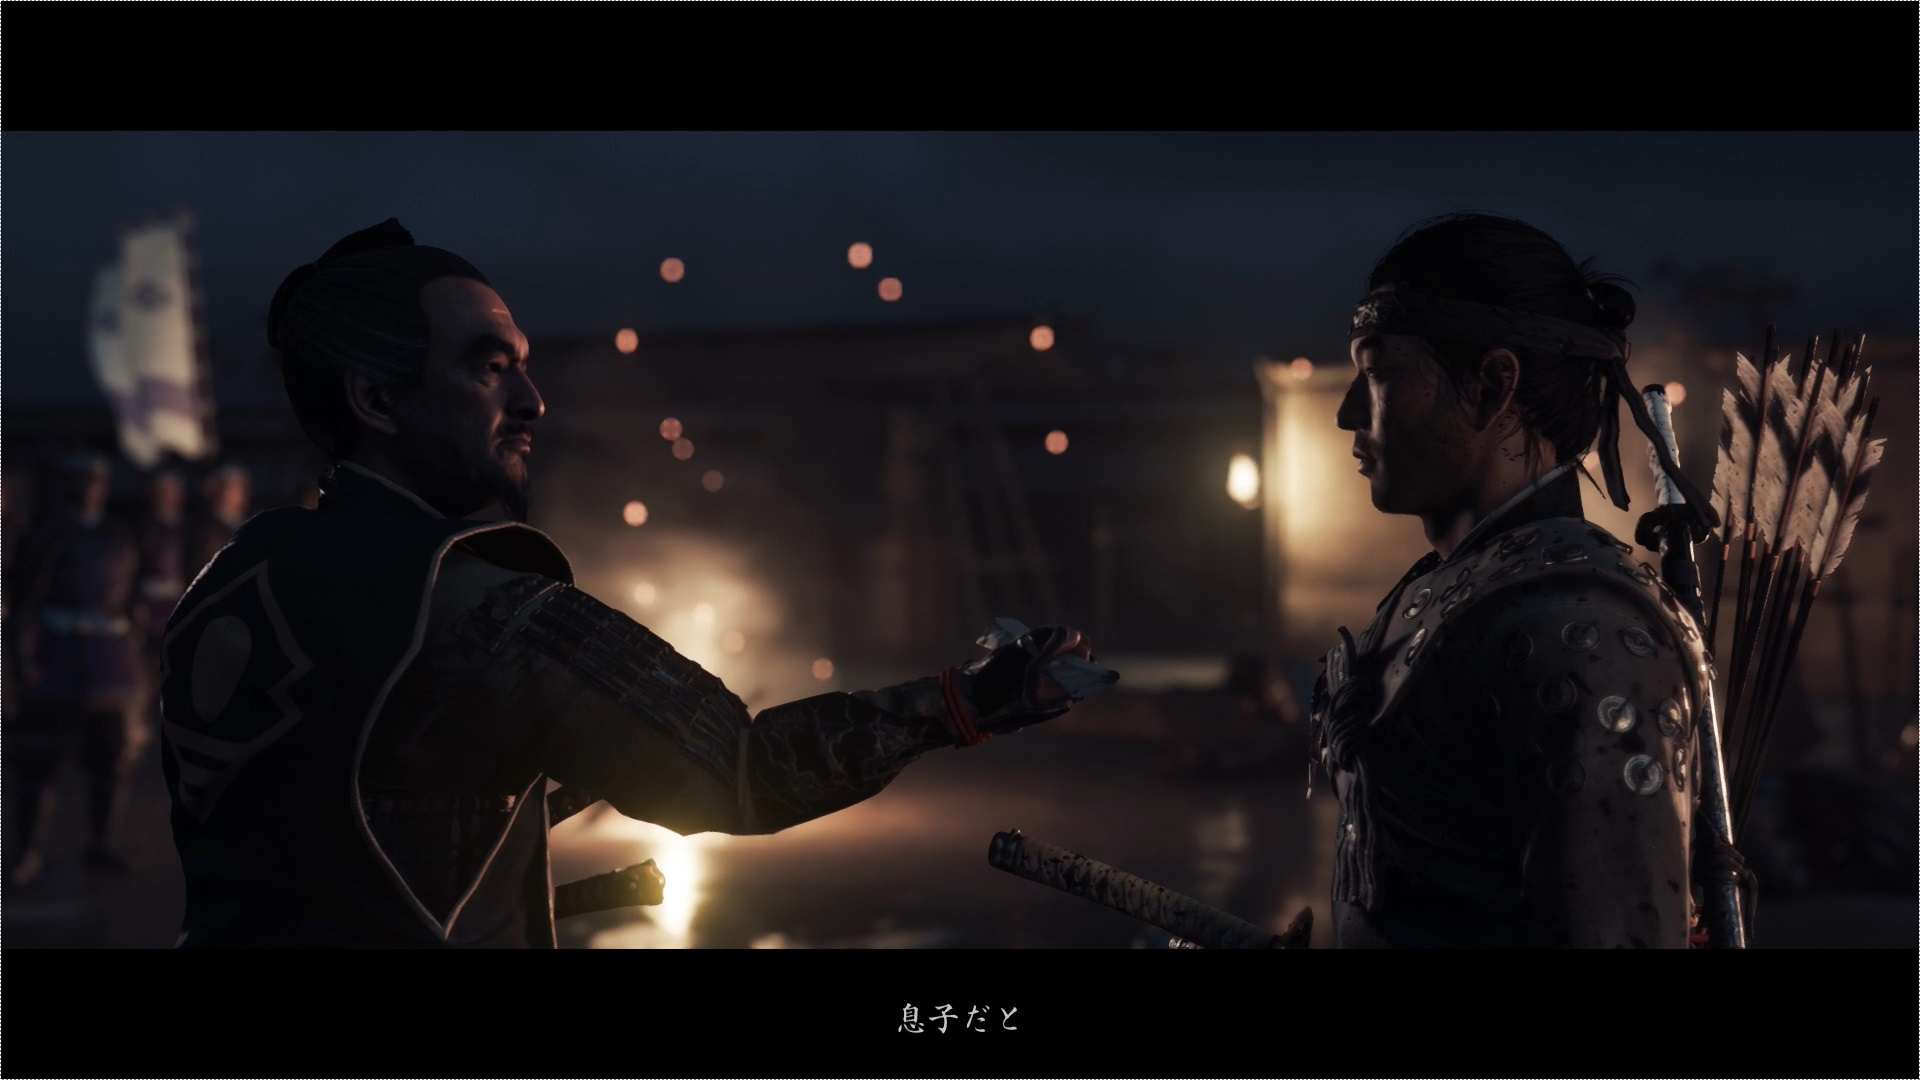 志村殿は将軍様に仁を息子にし、志村の家督を継ぐことを進言していました。これまでの誉れのないやりかたは全てゆなのせいにし、志村の名を継ぐよう仁に言います。